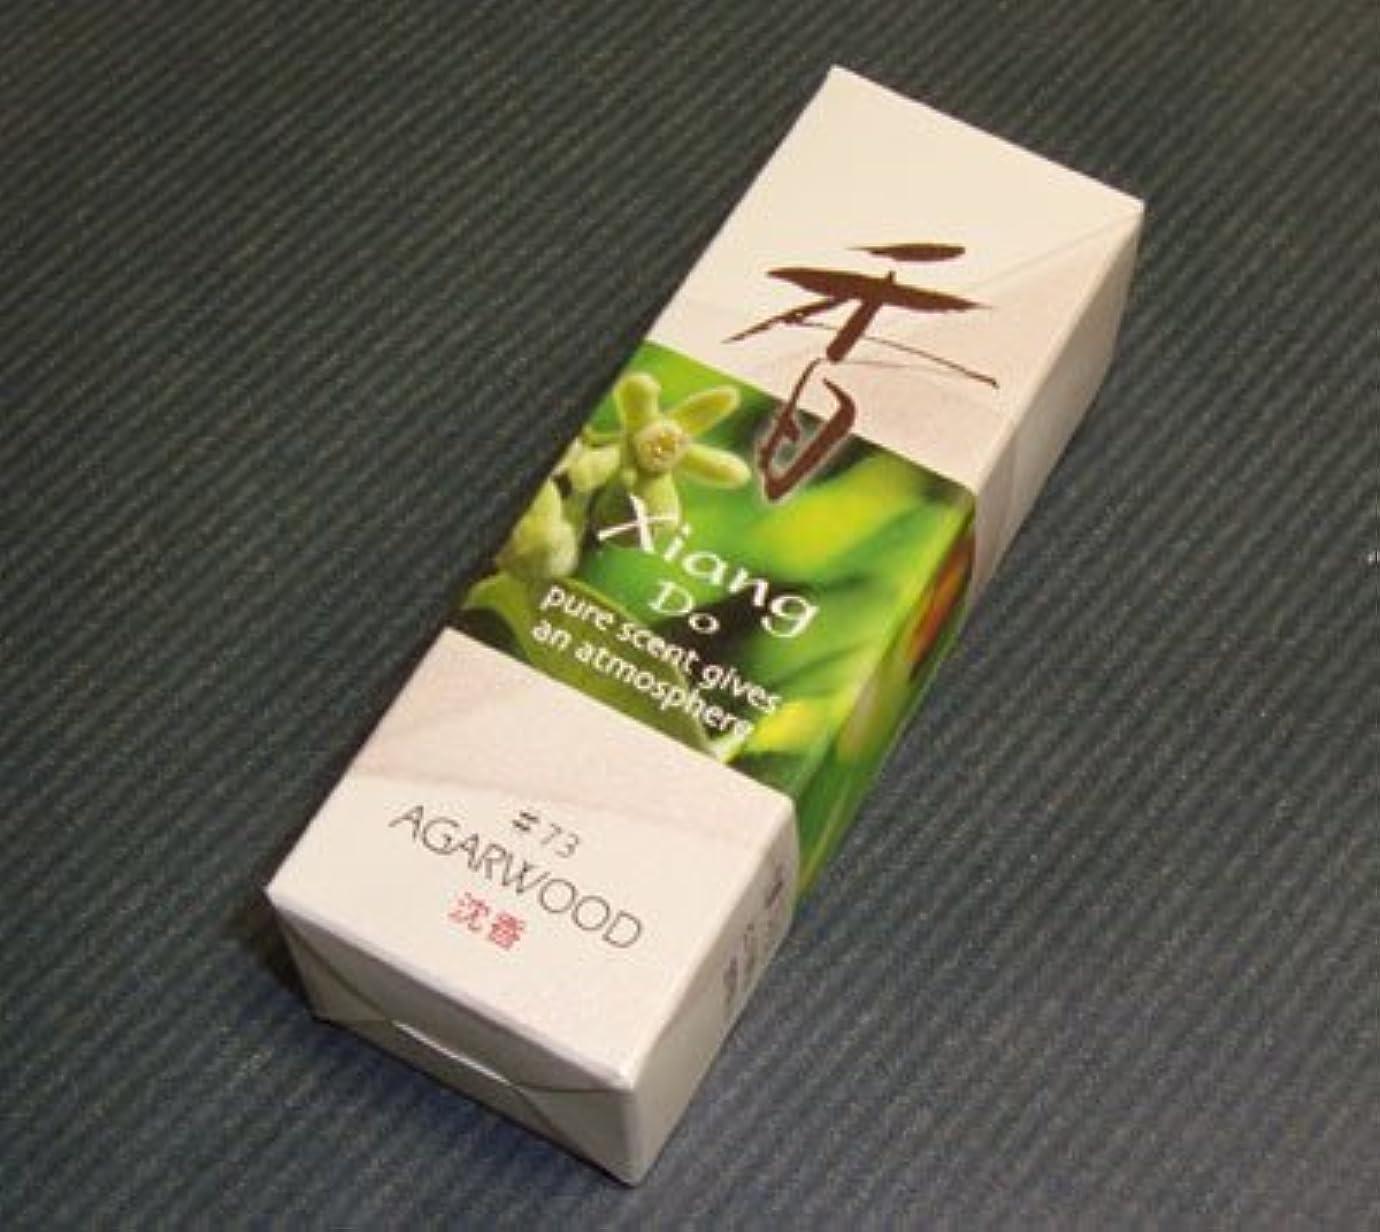 ペスト恥湿度沈水香木の落着いた香りです 松栄堂【Xiang Do アガーウッド】スティック 【お香】